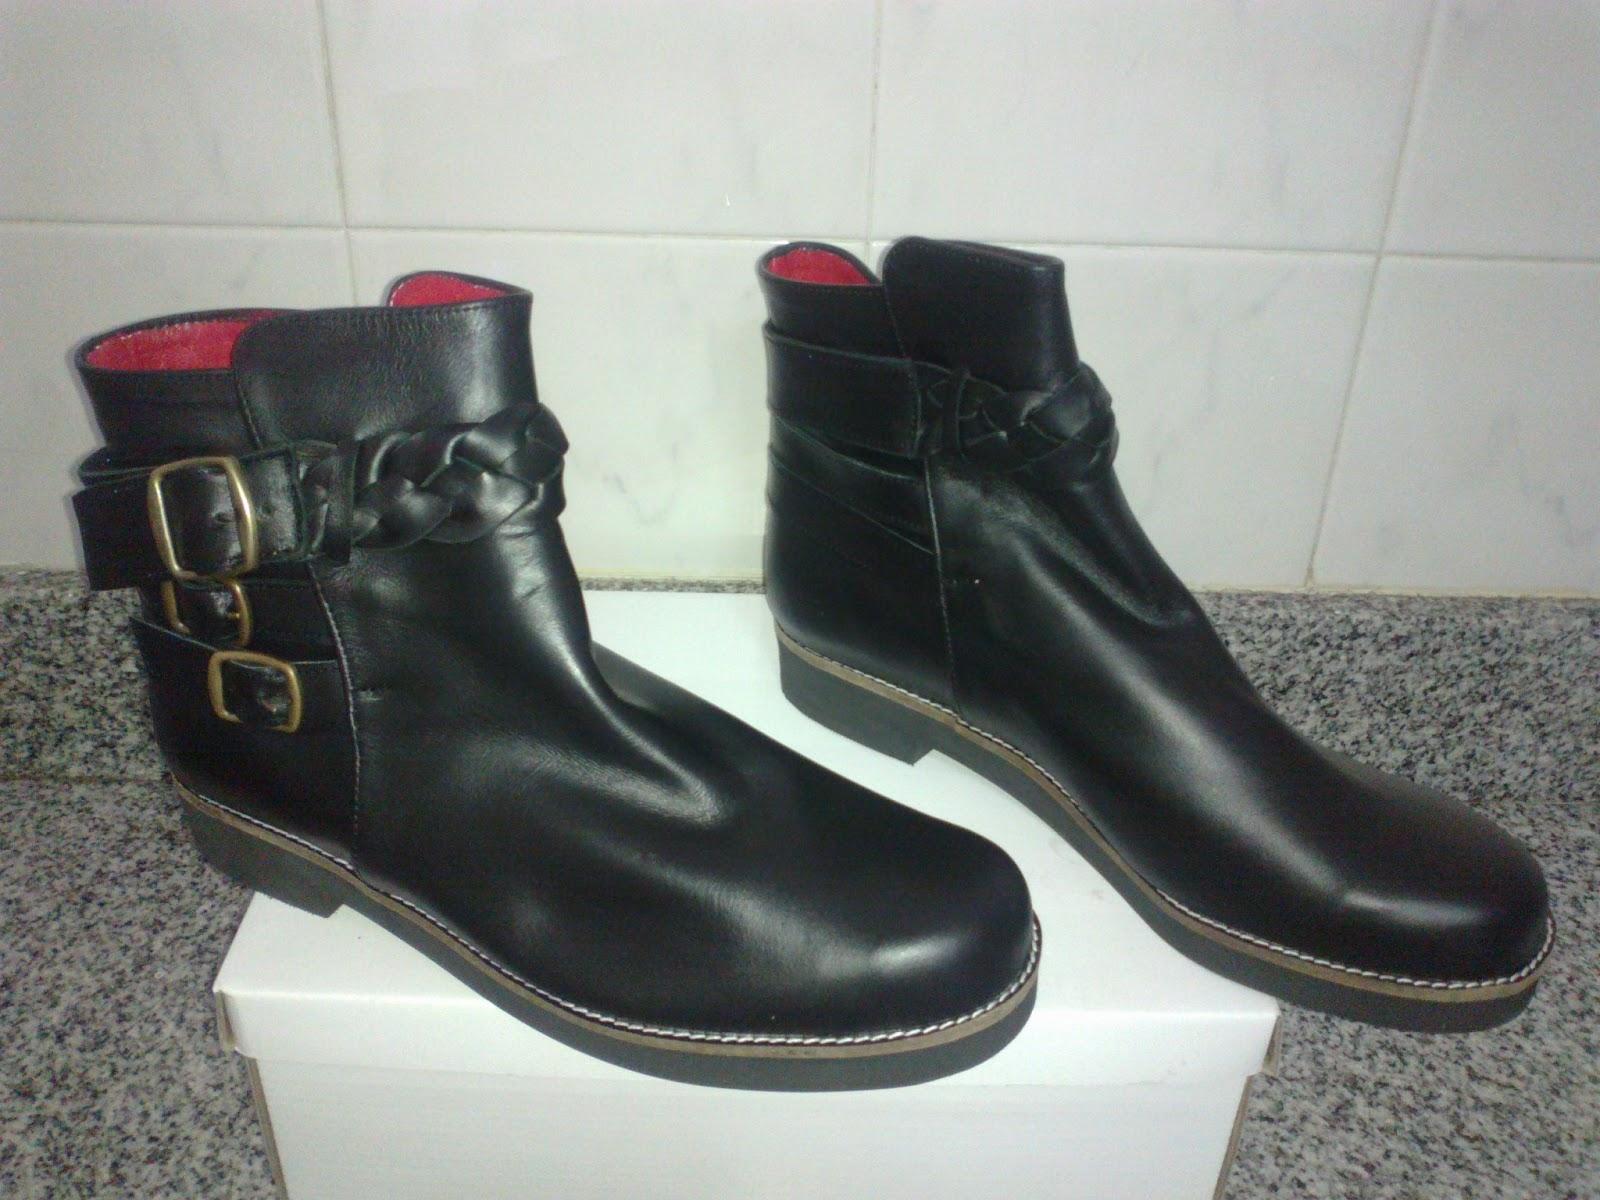 imagenes de zapatos para dama - 50% de Descuento en Zapatos Mujer Rebajas Tommy